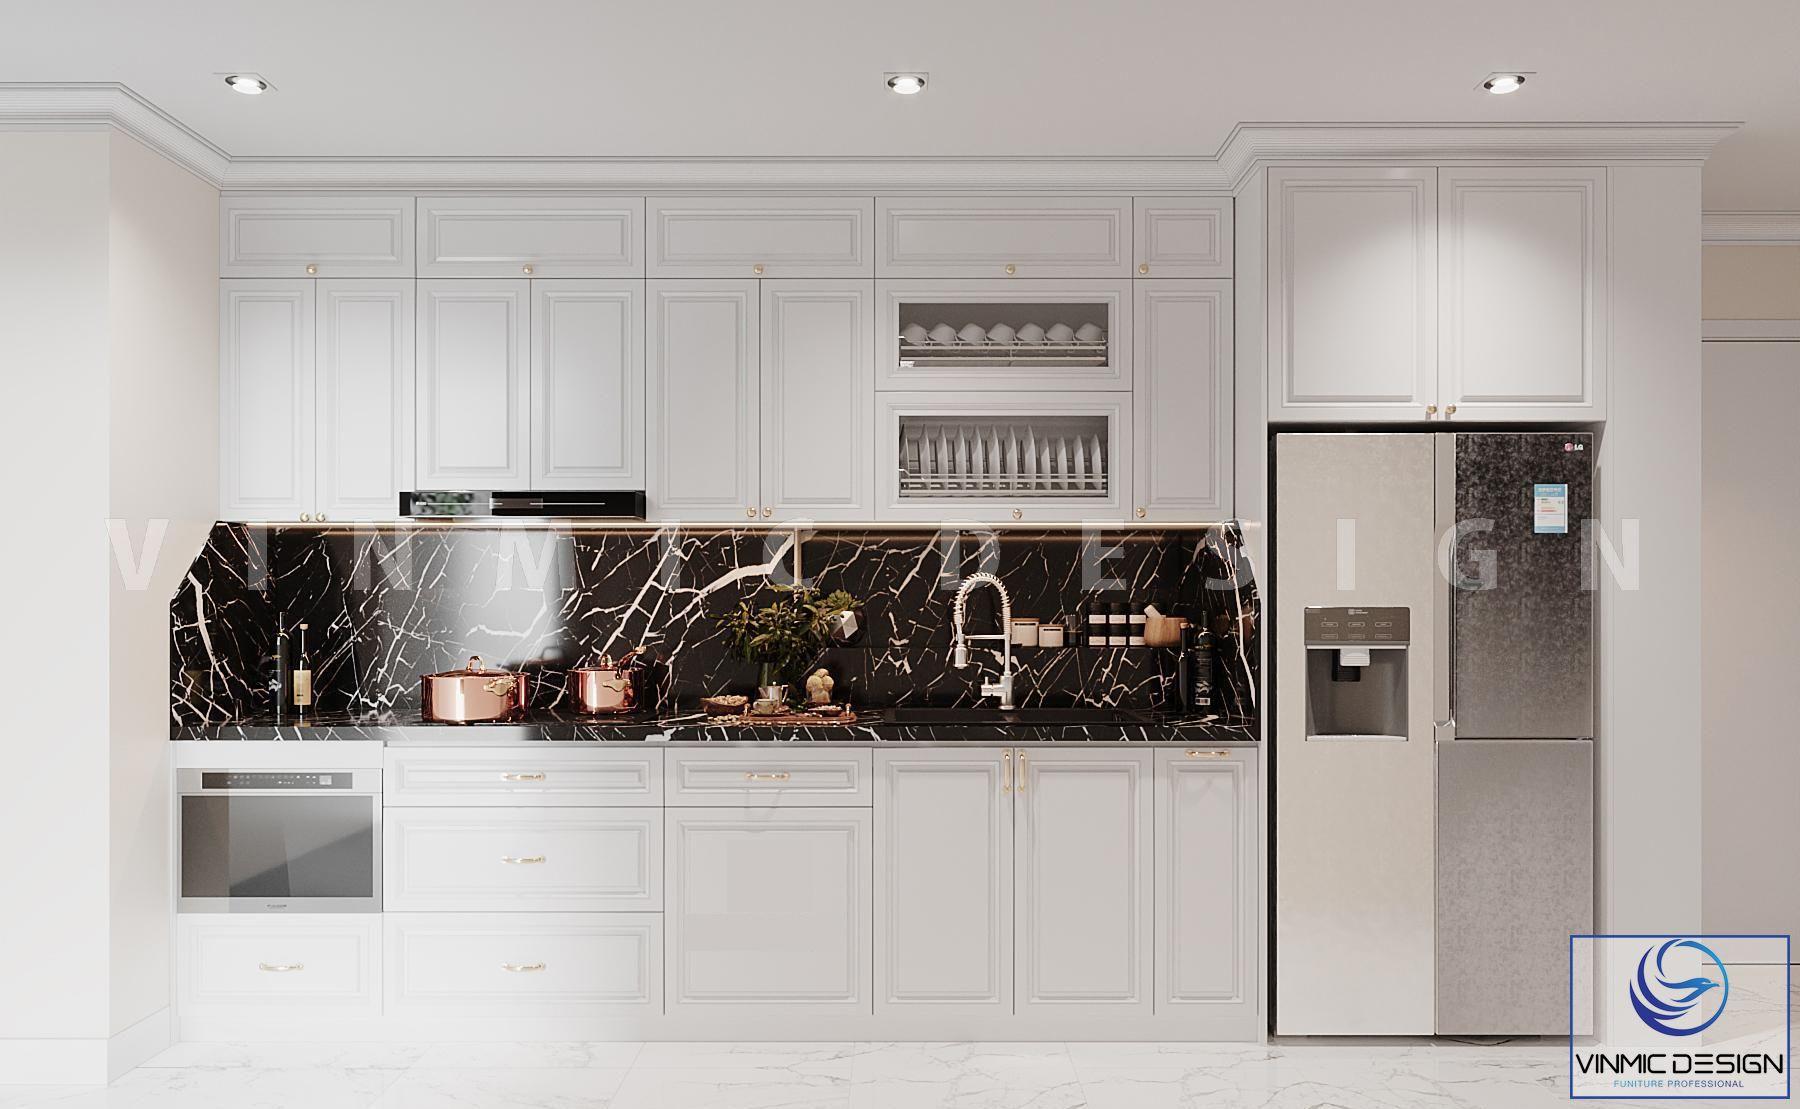 Thiết kế tủ bếp với bề mặt Sơn Inchem